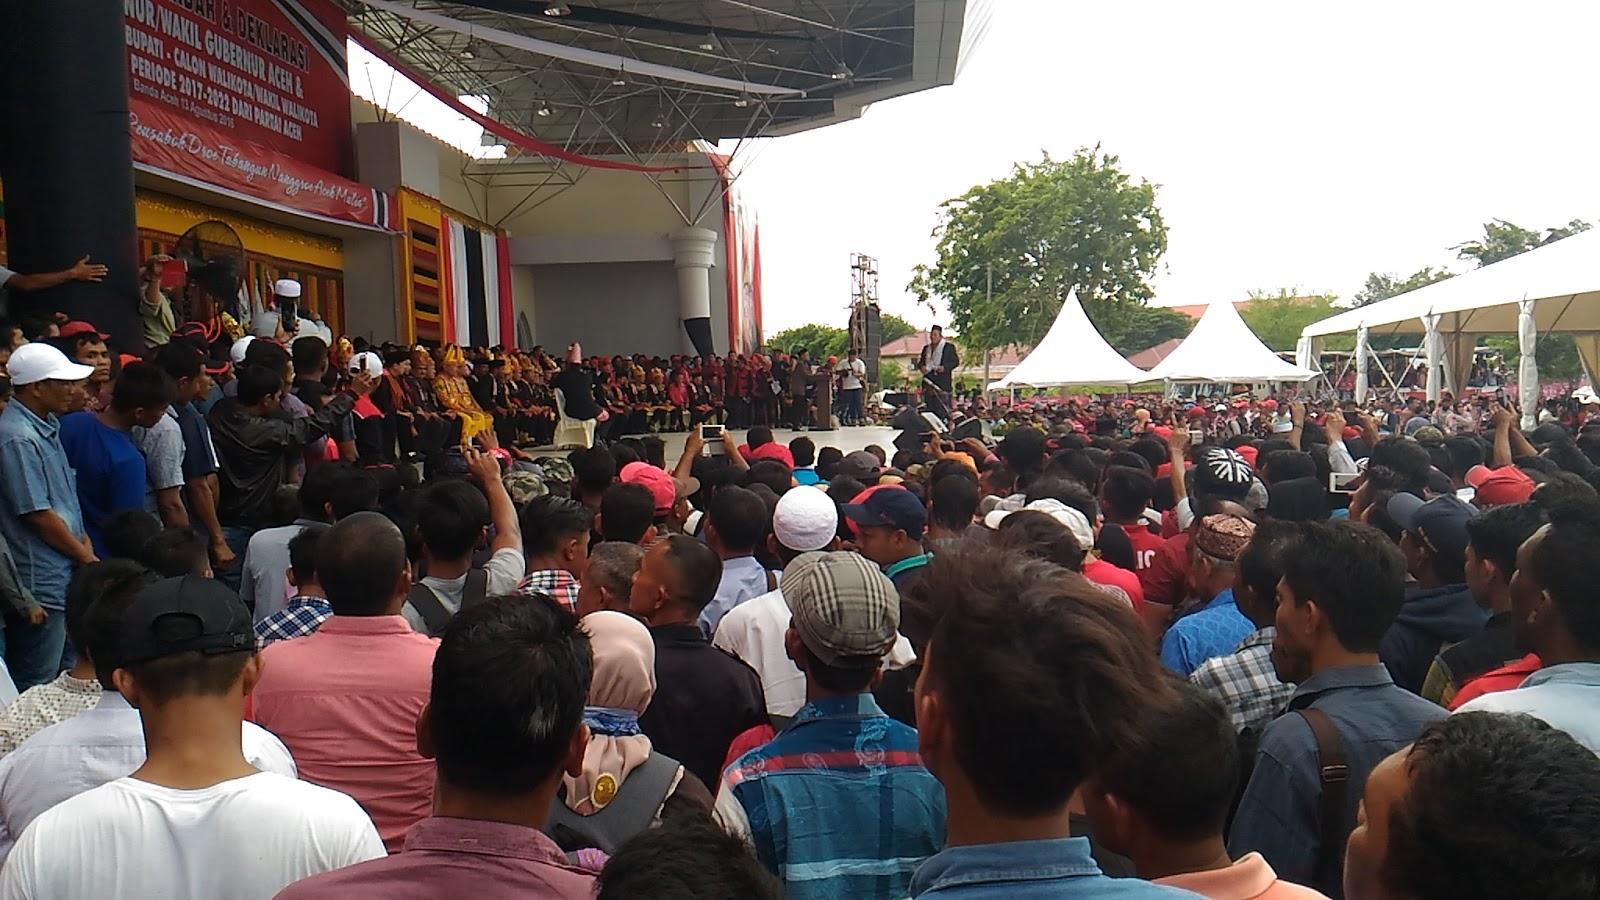 Inilah Calon Kepala Daerah Yang Diusung Partai Aceh Pada Pilkada